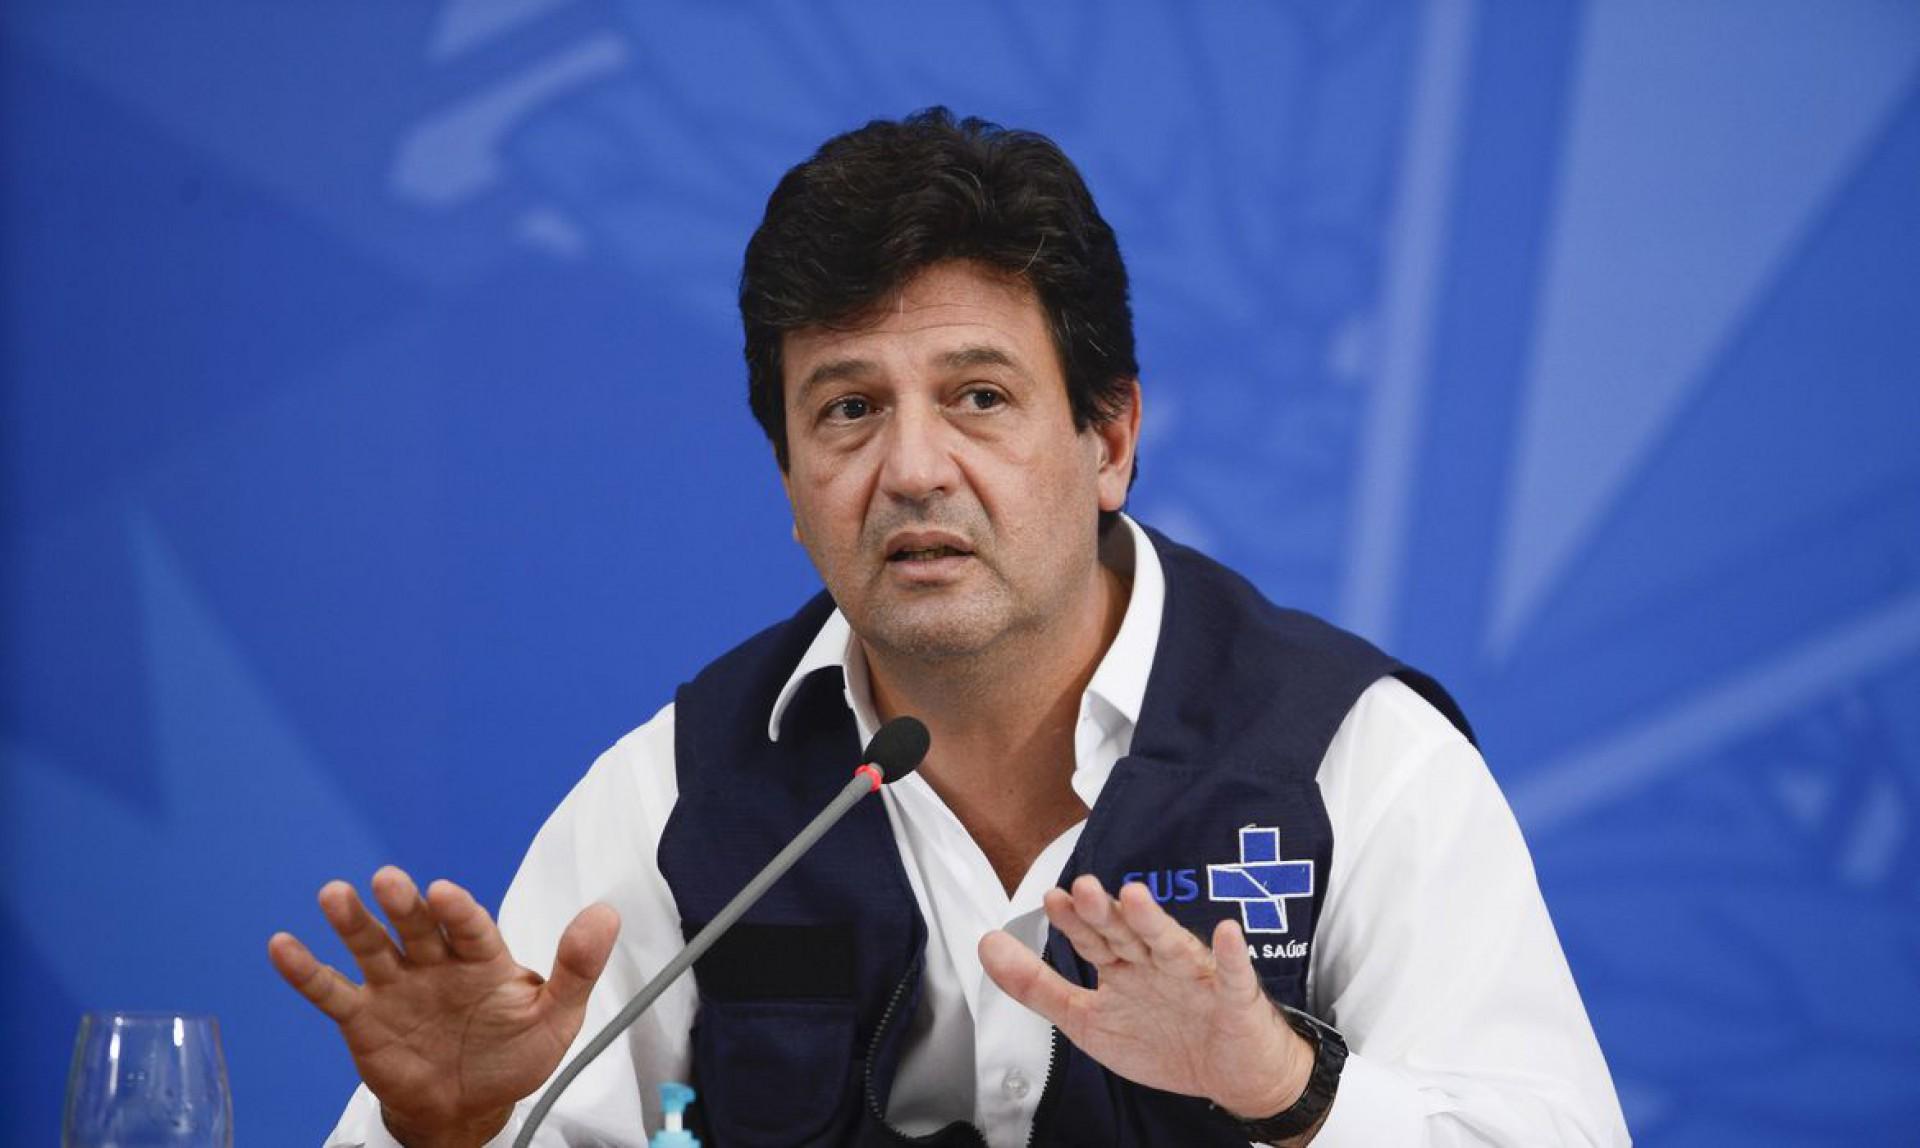 O ministro da Saúde, Luiz Henrique Mandetta, durante a coletiva de imprensa sobre à infecção pelo novo coronavírus (Foto: Marcello Casal JrAgência Brasil)